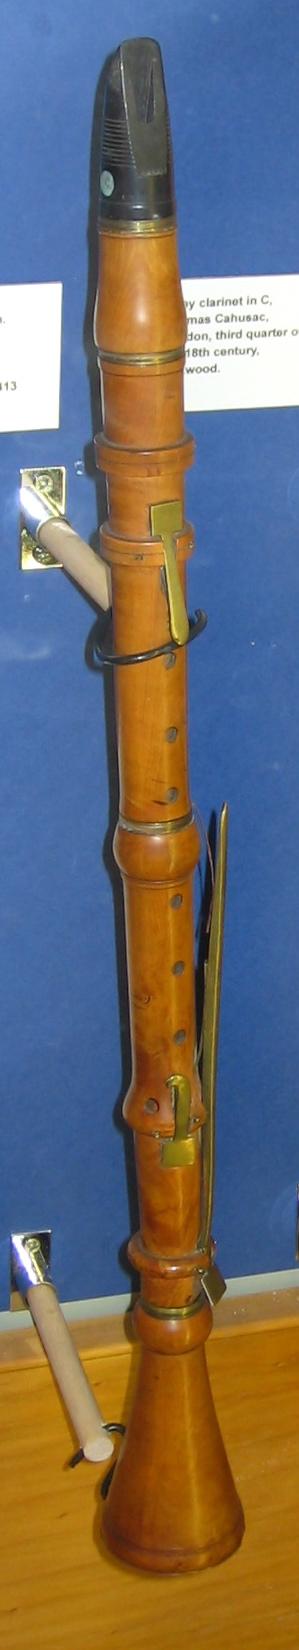 4-key boxwood clarinet, ca. 1760.